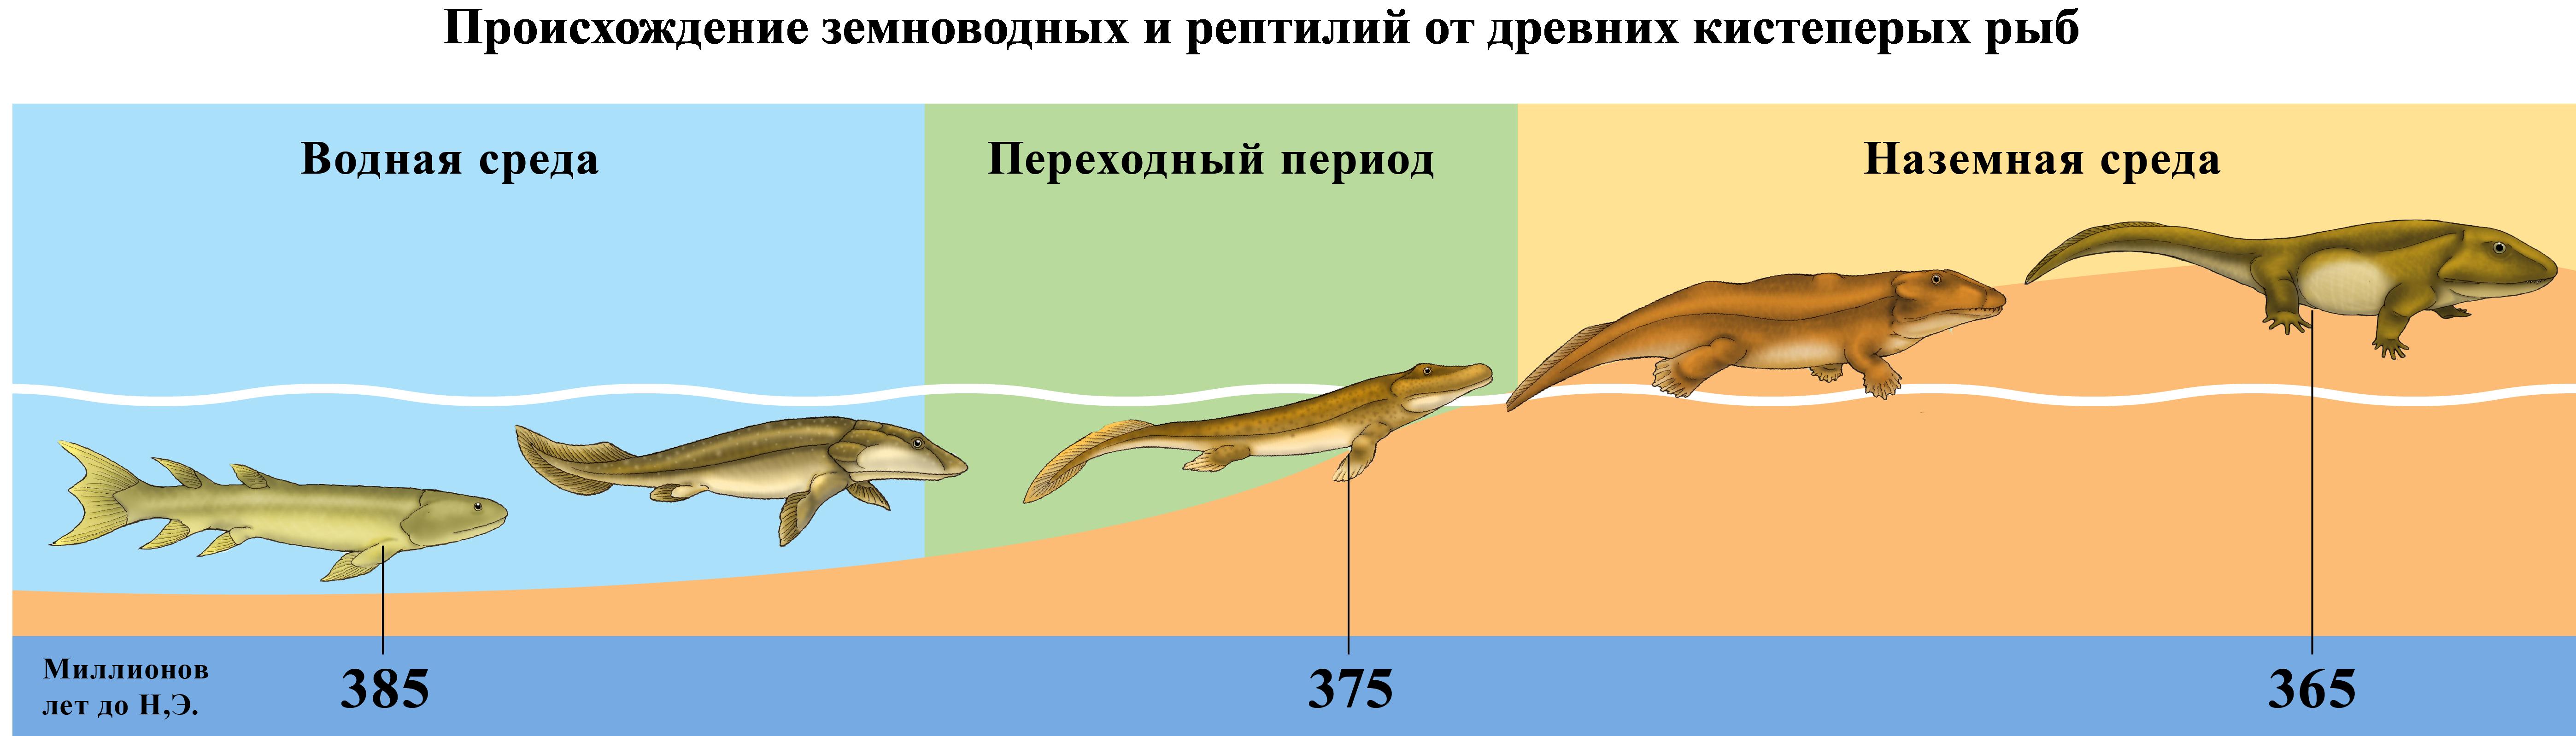 Происхождение земноводных и рептилий